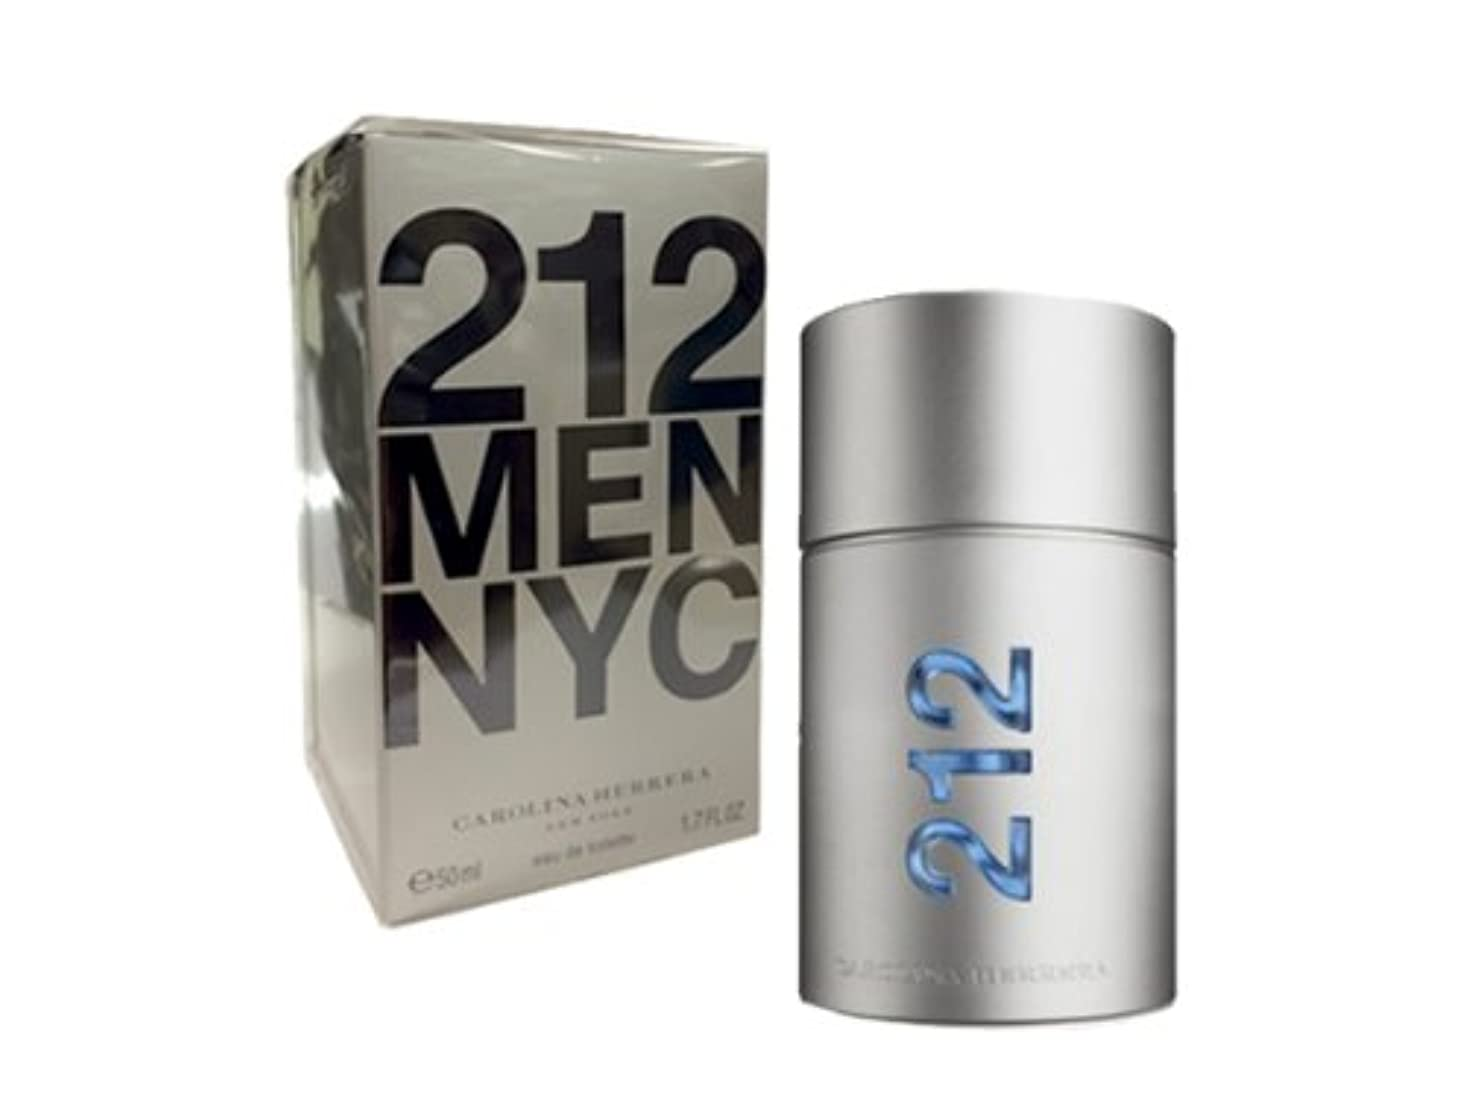 苛性スリップ海峡キャロライナヘレラ 212メン 50ml メンズ 香水 212MEDT50 CAROLINA HERRERA (並行輸入品)